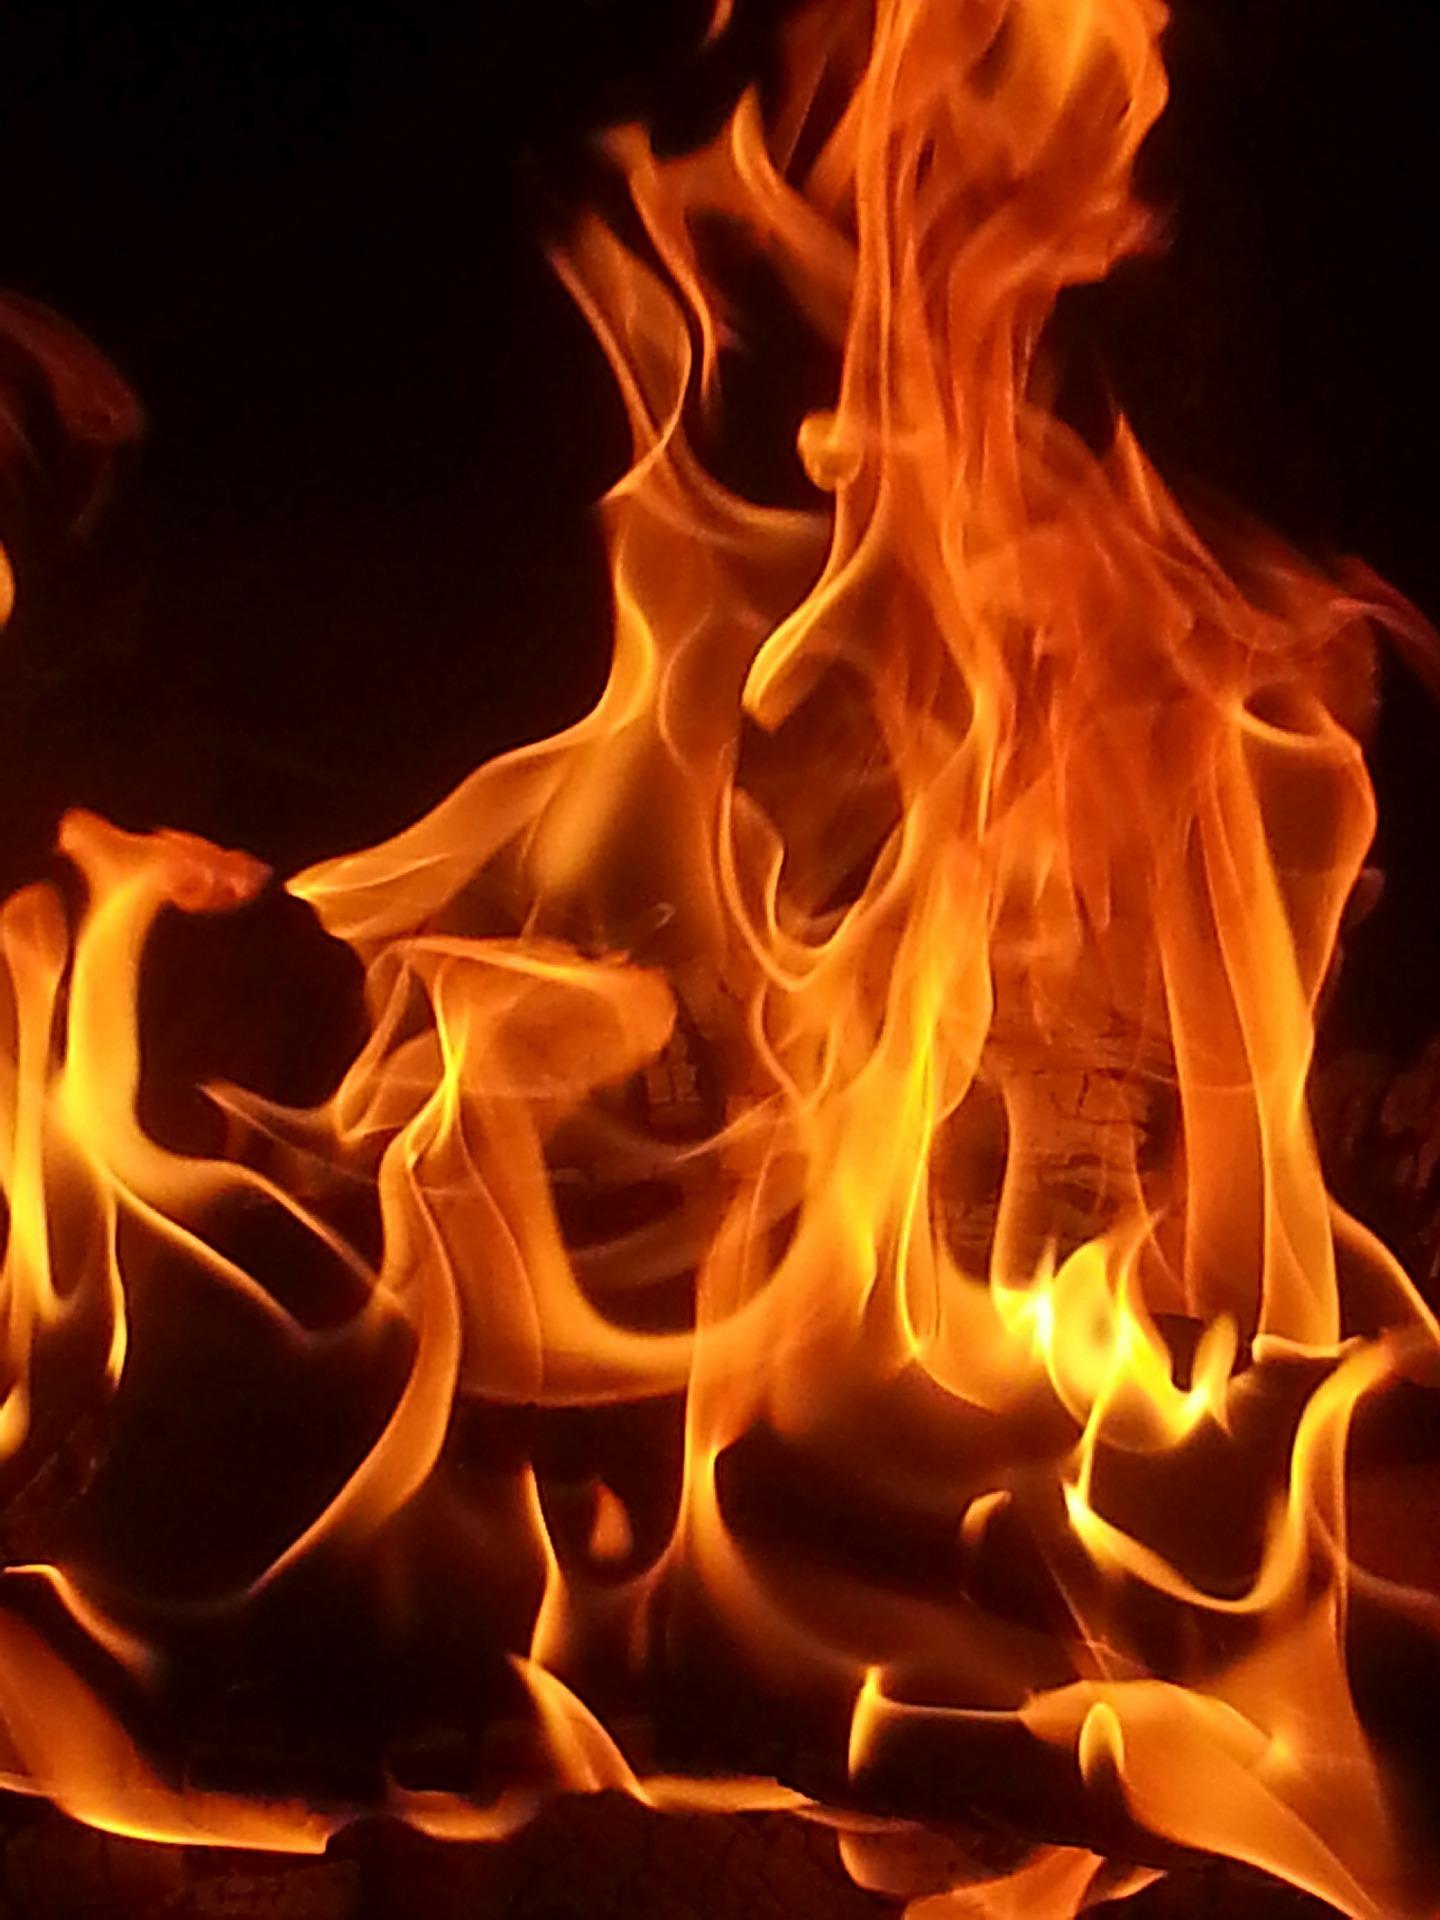 для красивые огненные картинки кайли